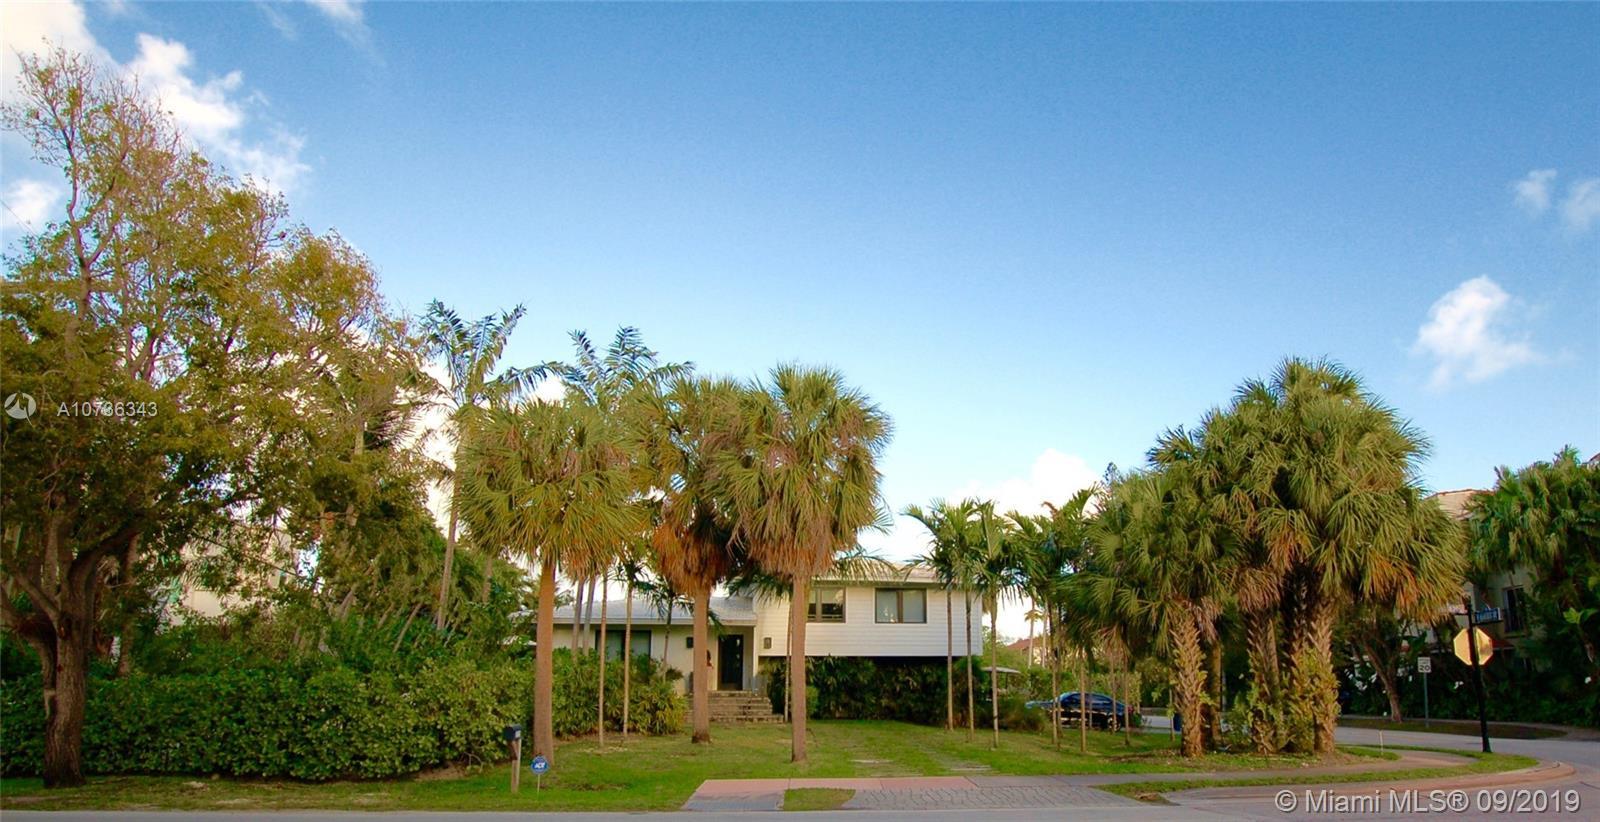 375 Harbor Dr, Key Biscayne, Florida